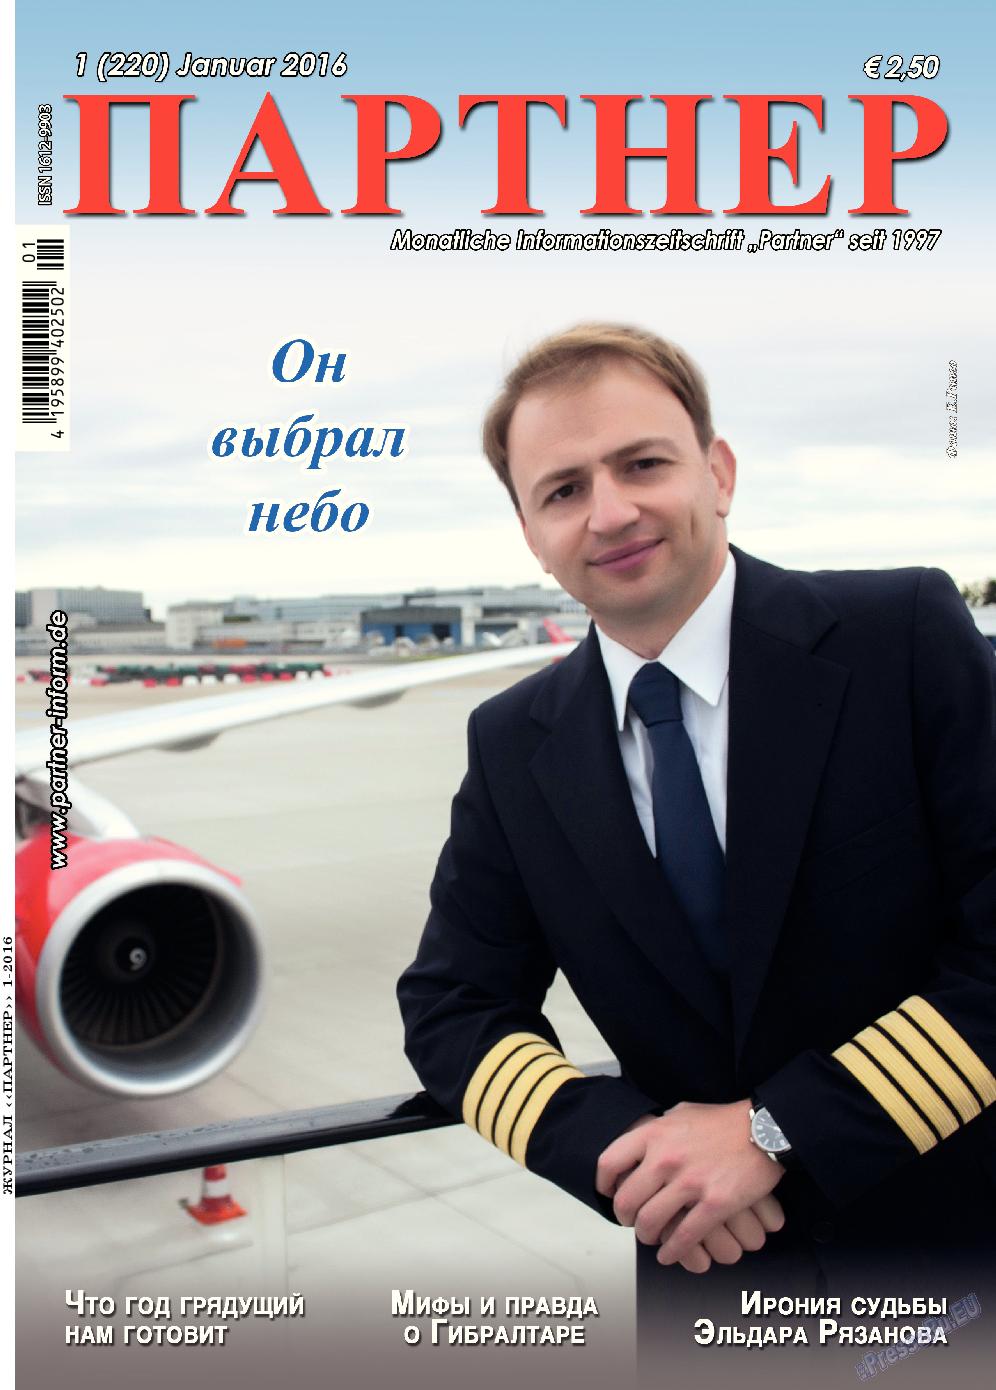 Партнер (журнал). 2016 год, номер 1, стр. 1